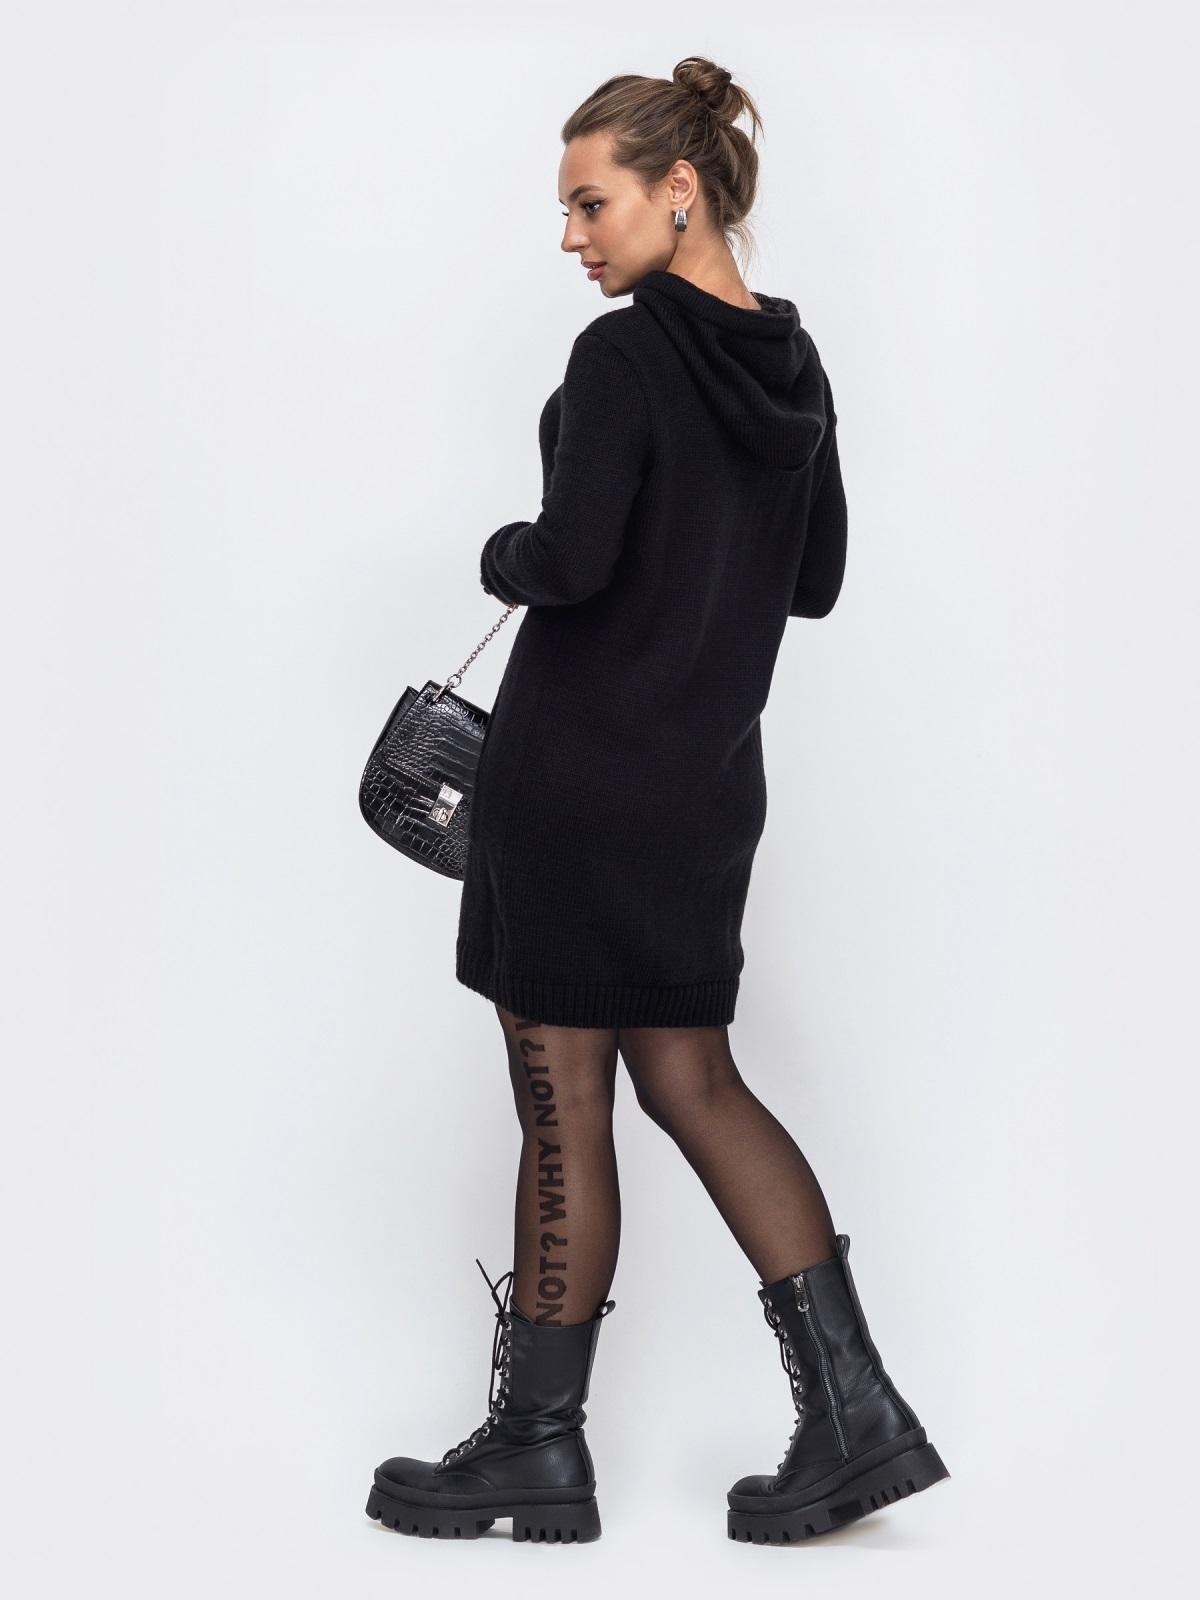 Девушка позирует в черной вязаной тунике с капюшоном под ботинки